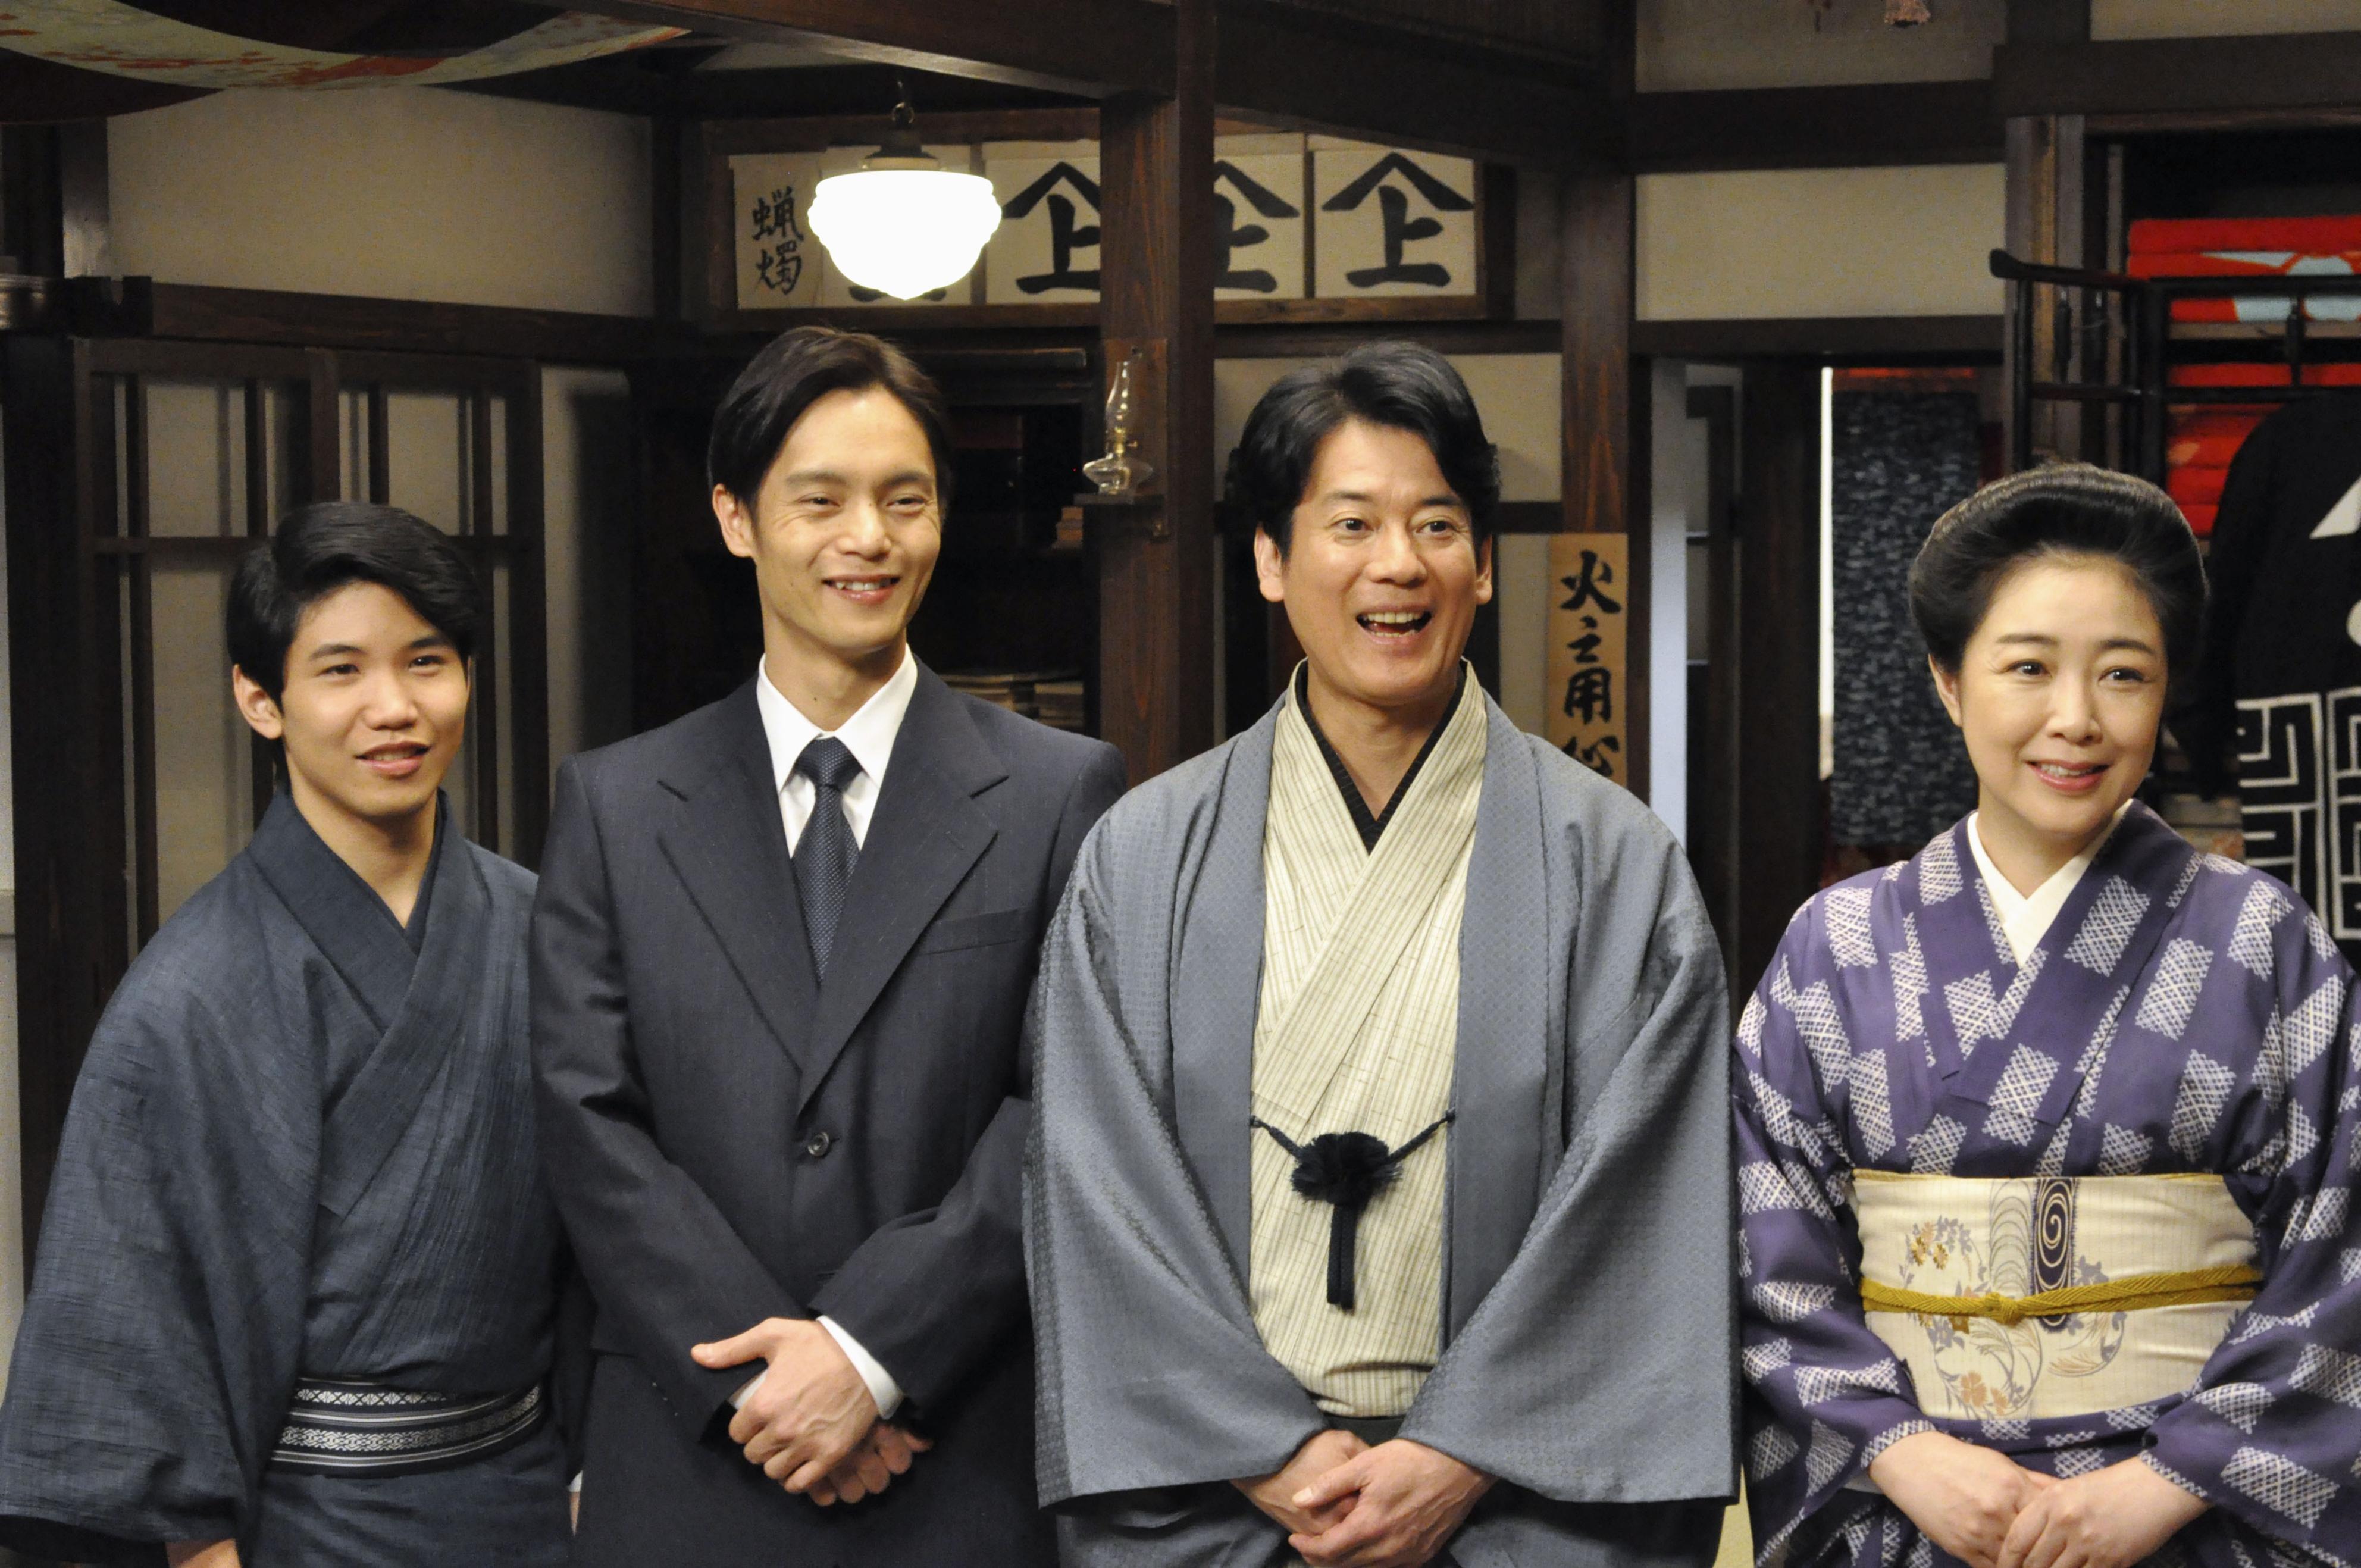 NHKの連続テレビ小説「エール」の主人公、古山裕一役の窪田正孝さん(左から2人目)ら=東京・渋谷のNHK放送センター